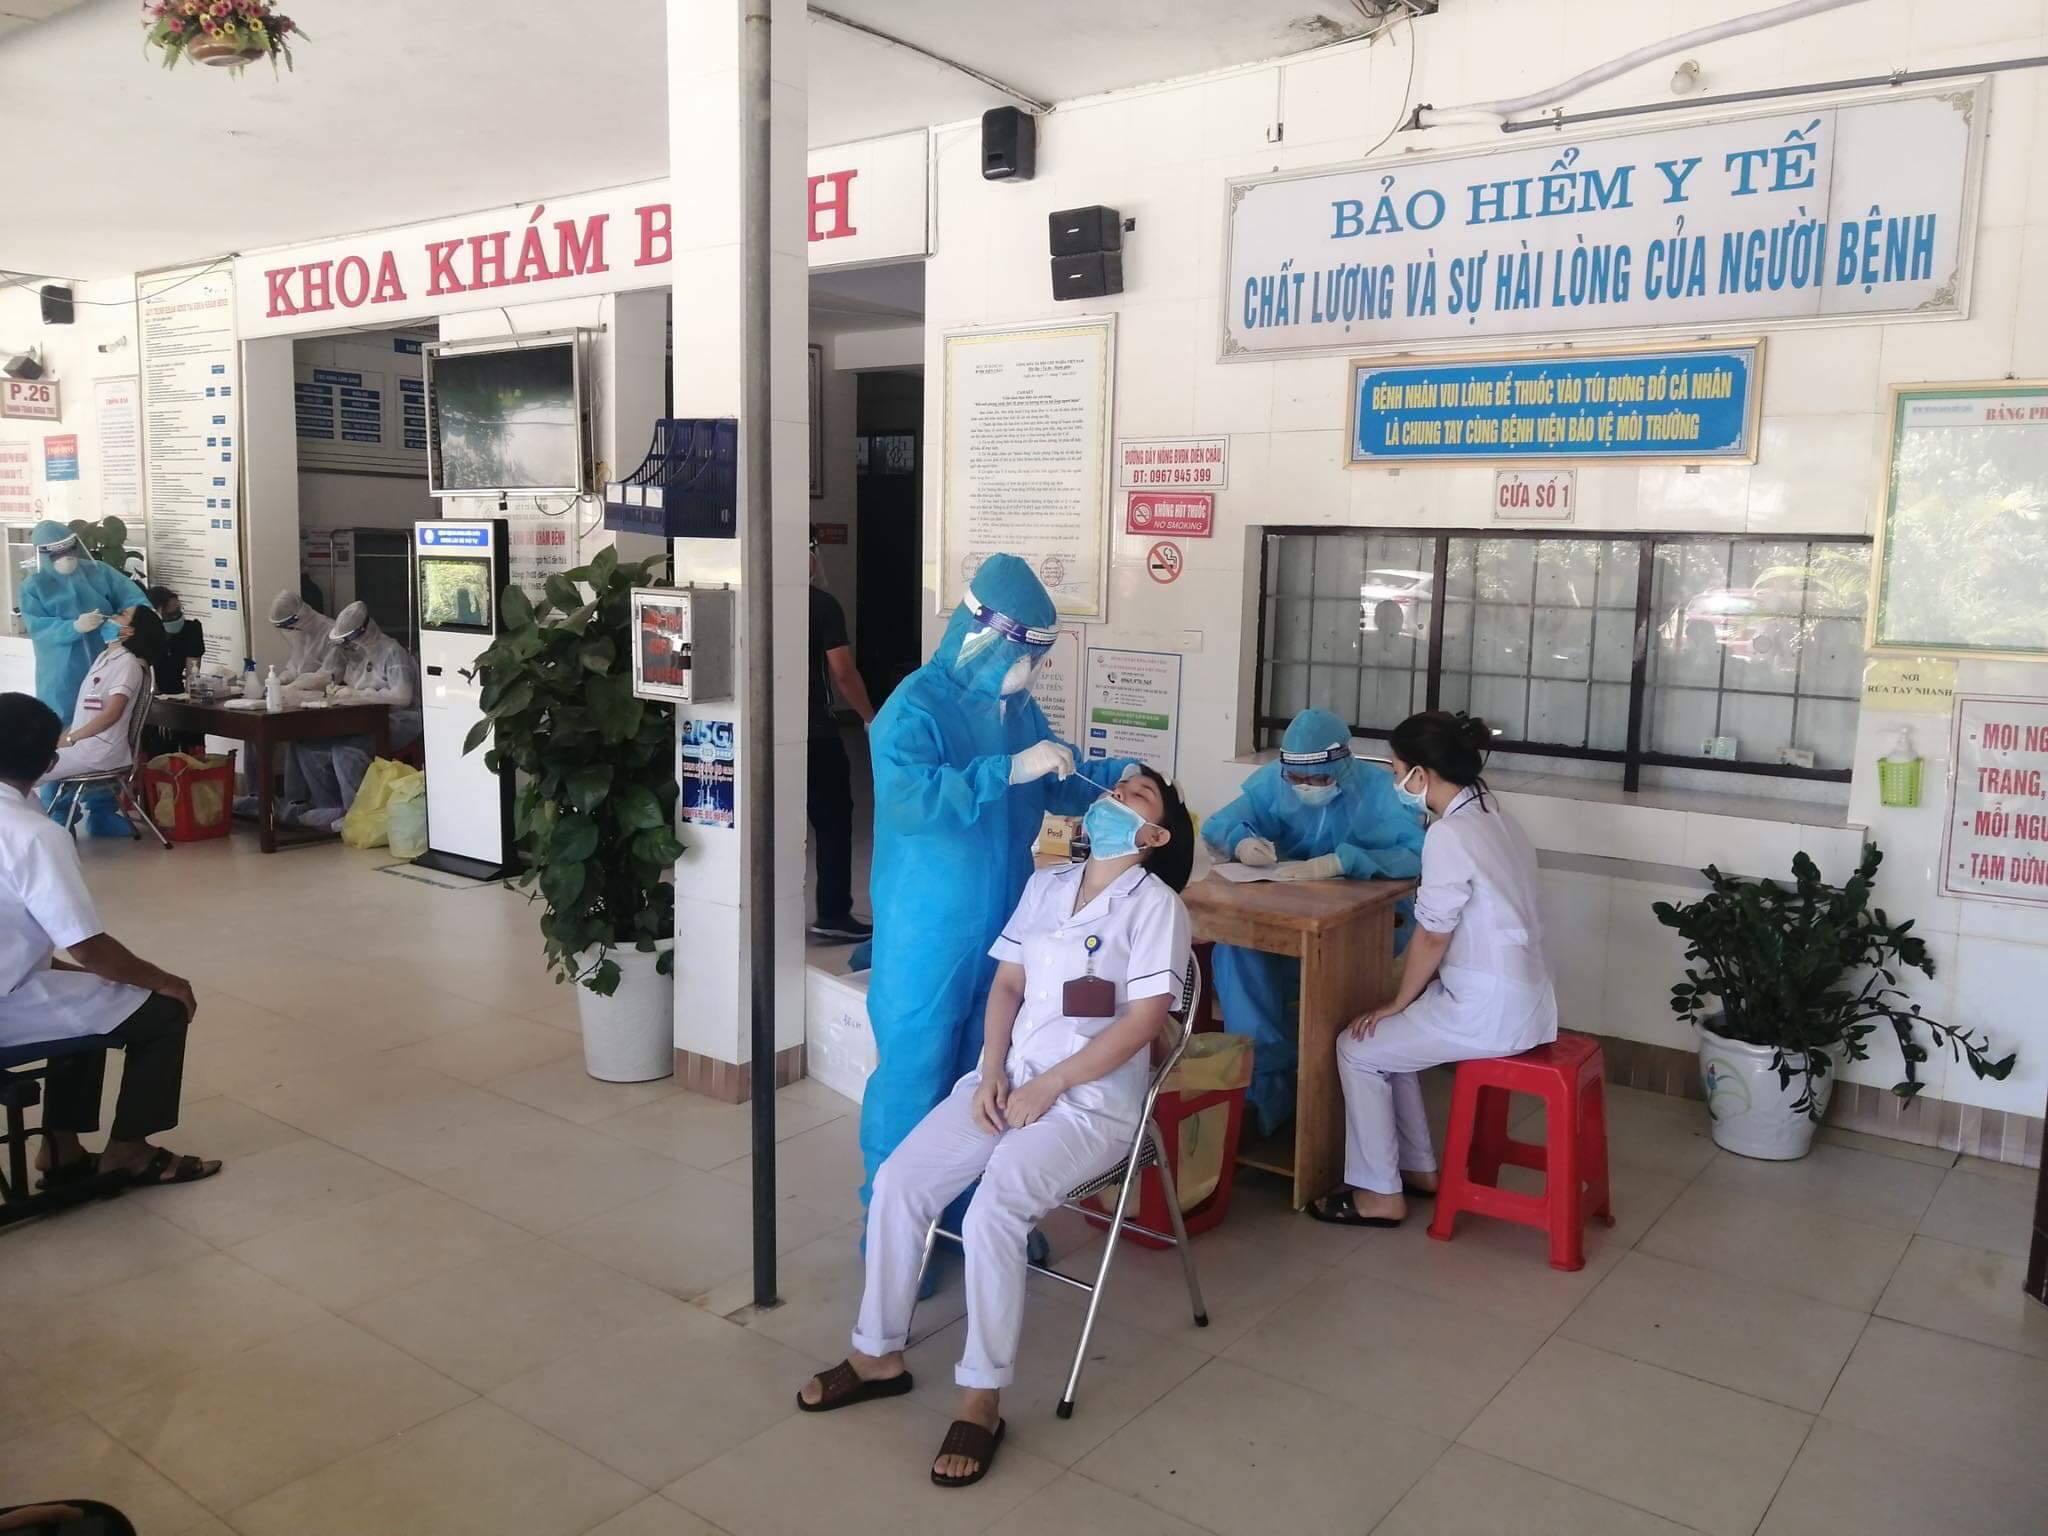 Hàng nghìn lời động viên gửi nữ điều dưỡng 9Xsốc nhiệt, kiệt sứckhi đi chống dịch